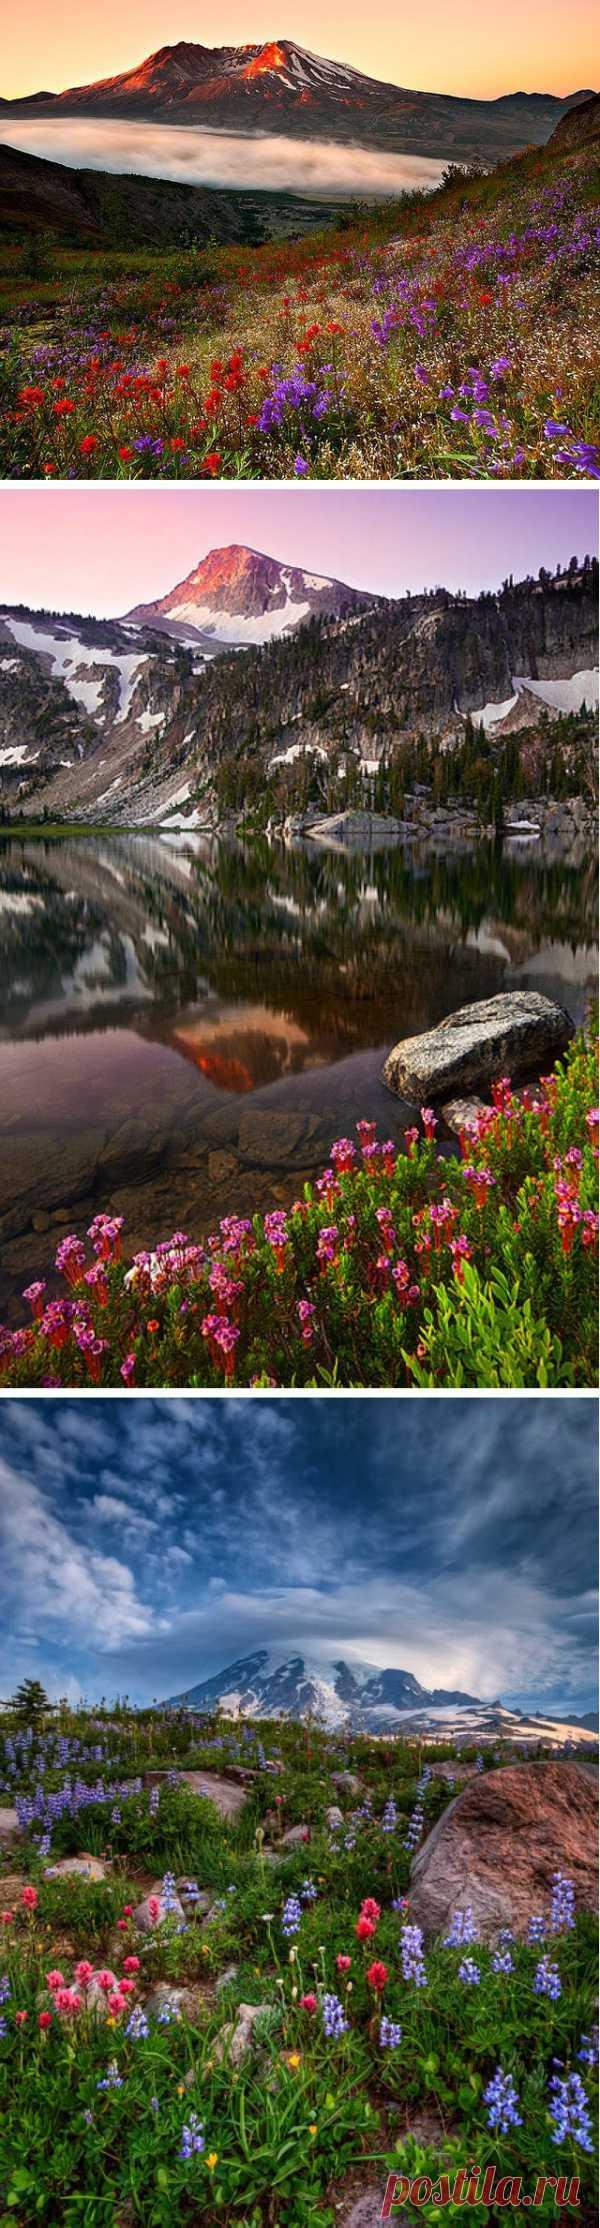 Las flores y las montañas. ¡La combinación de un modo excepcional hermosa!